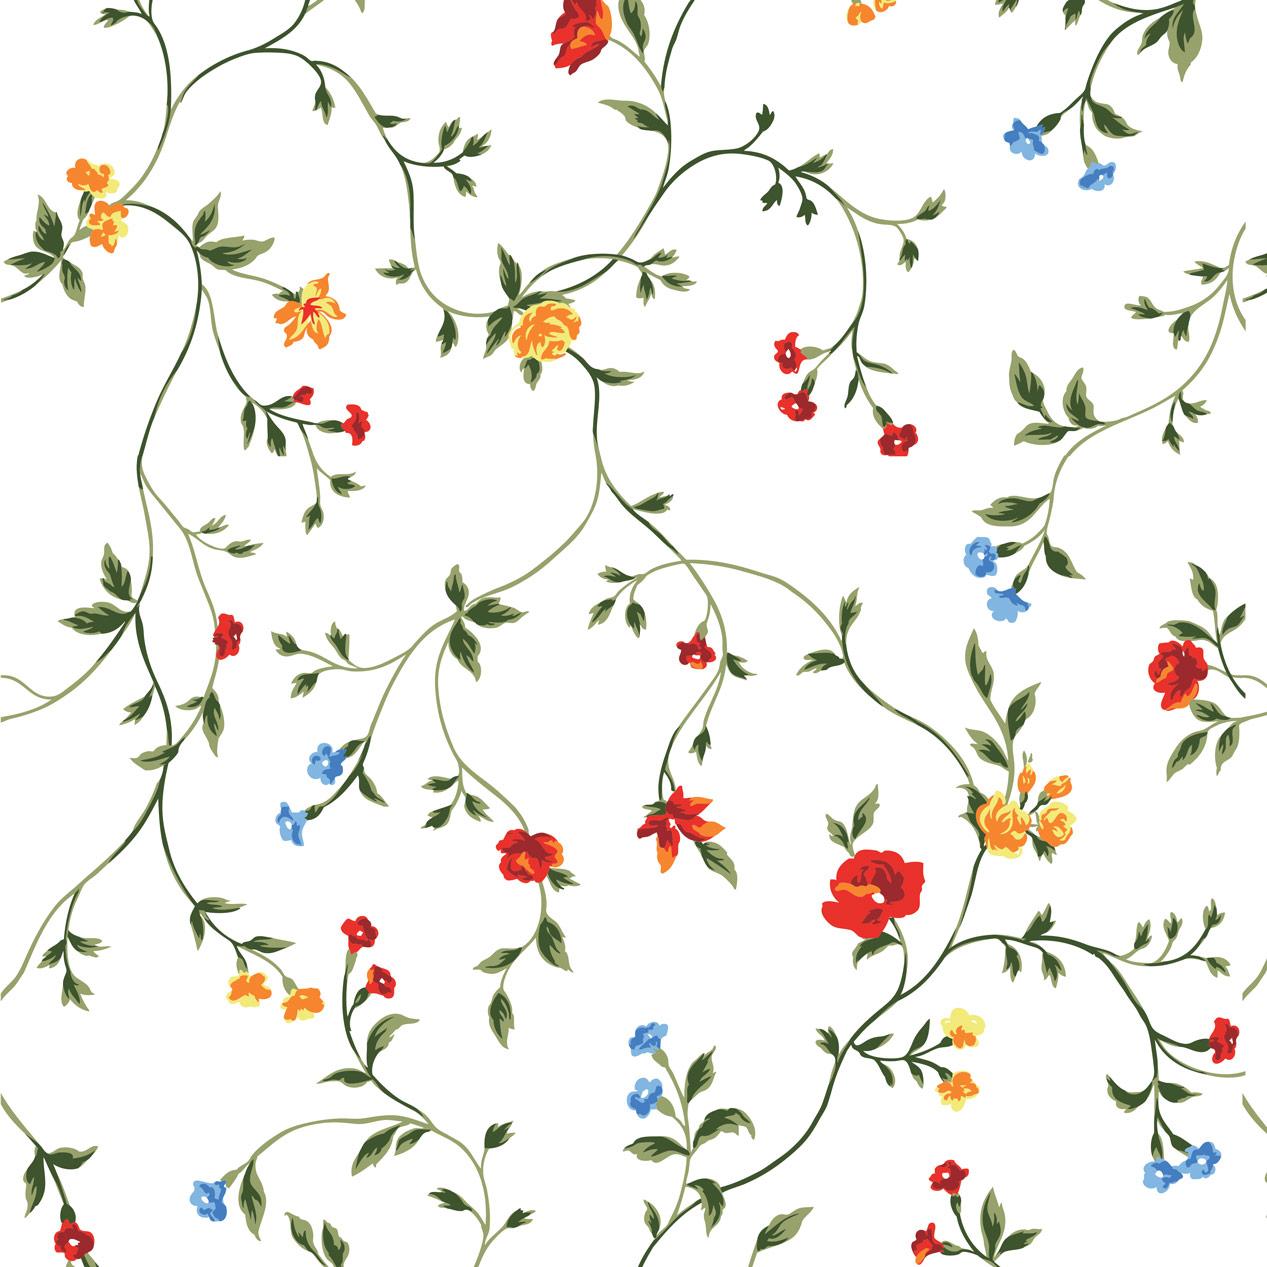 Papel de Parede Floral Colorido Fundo Branco